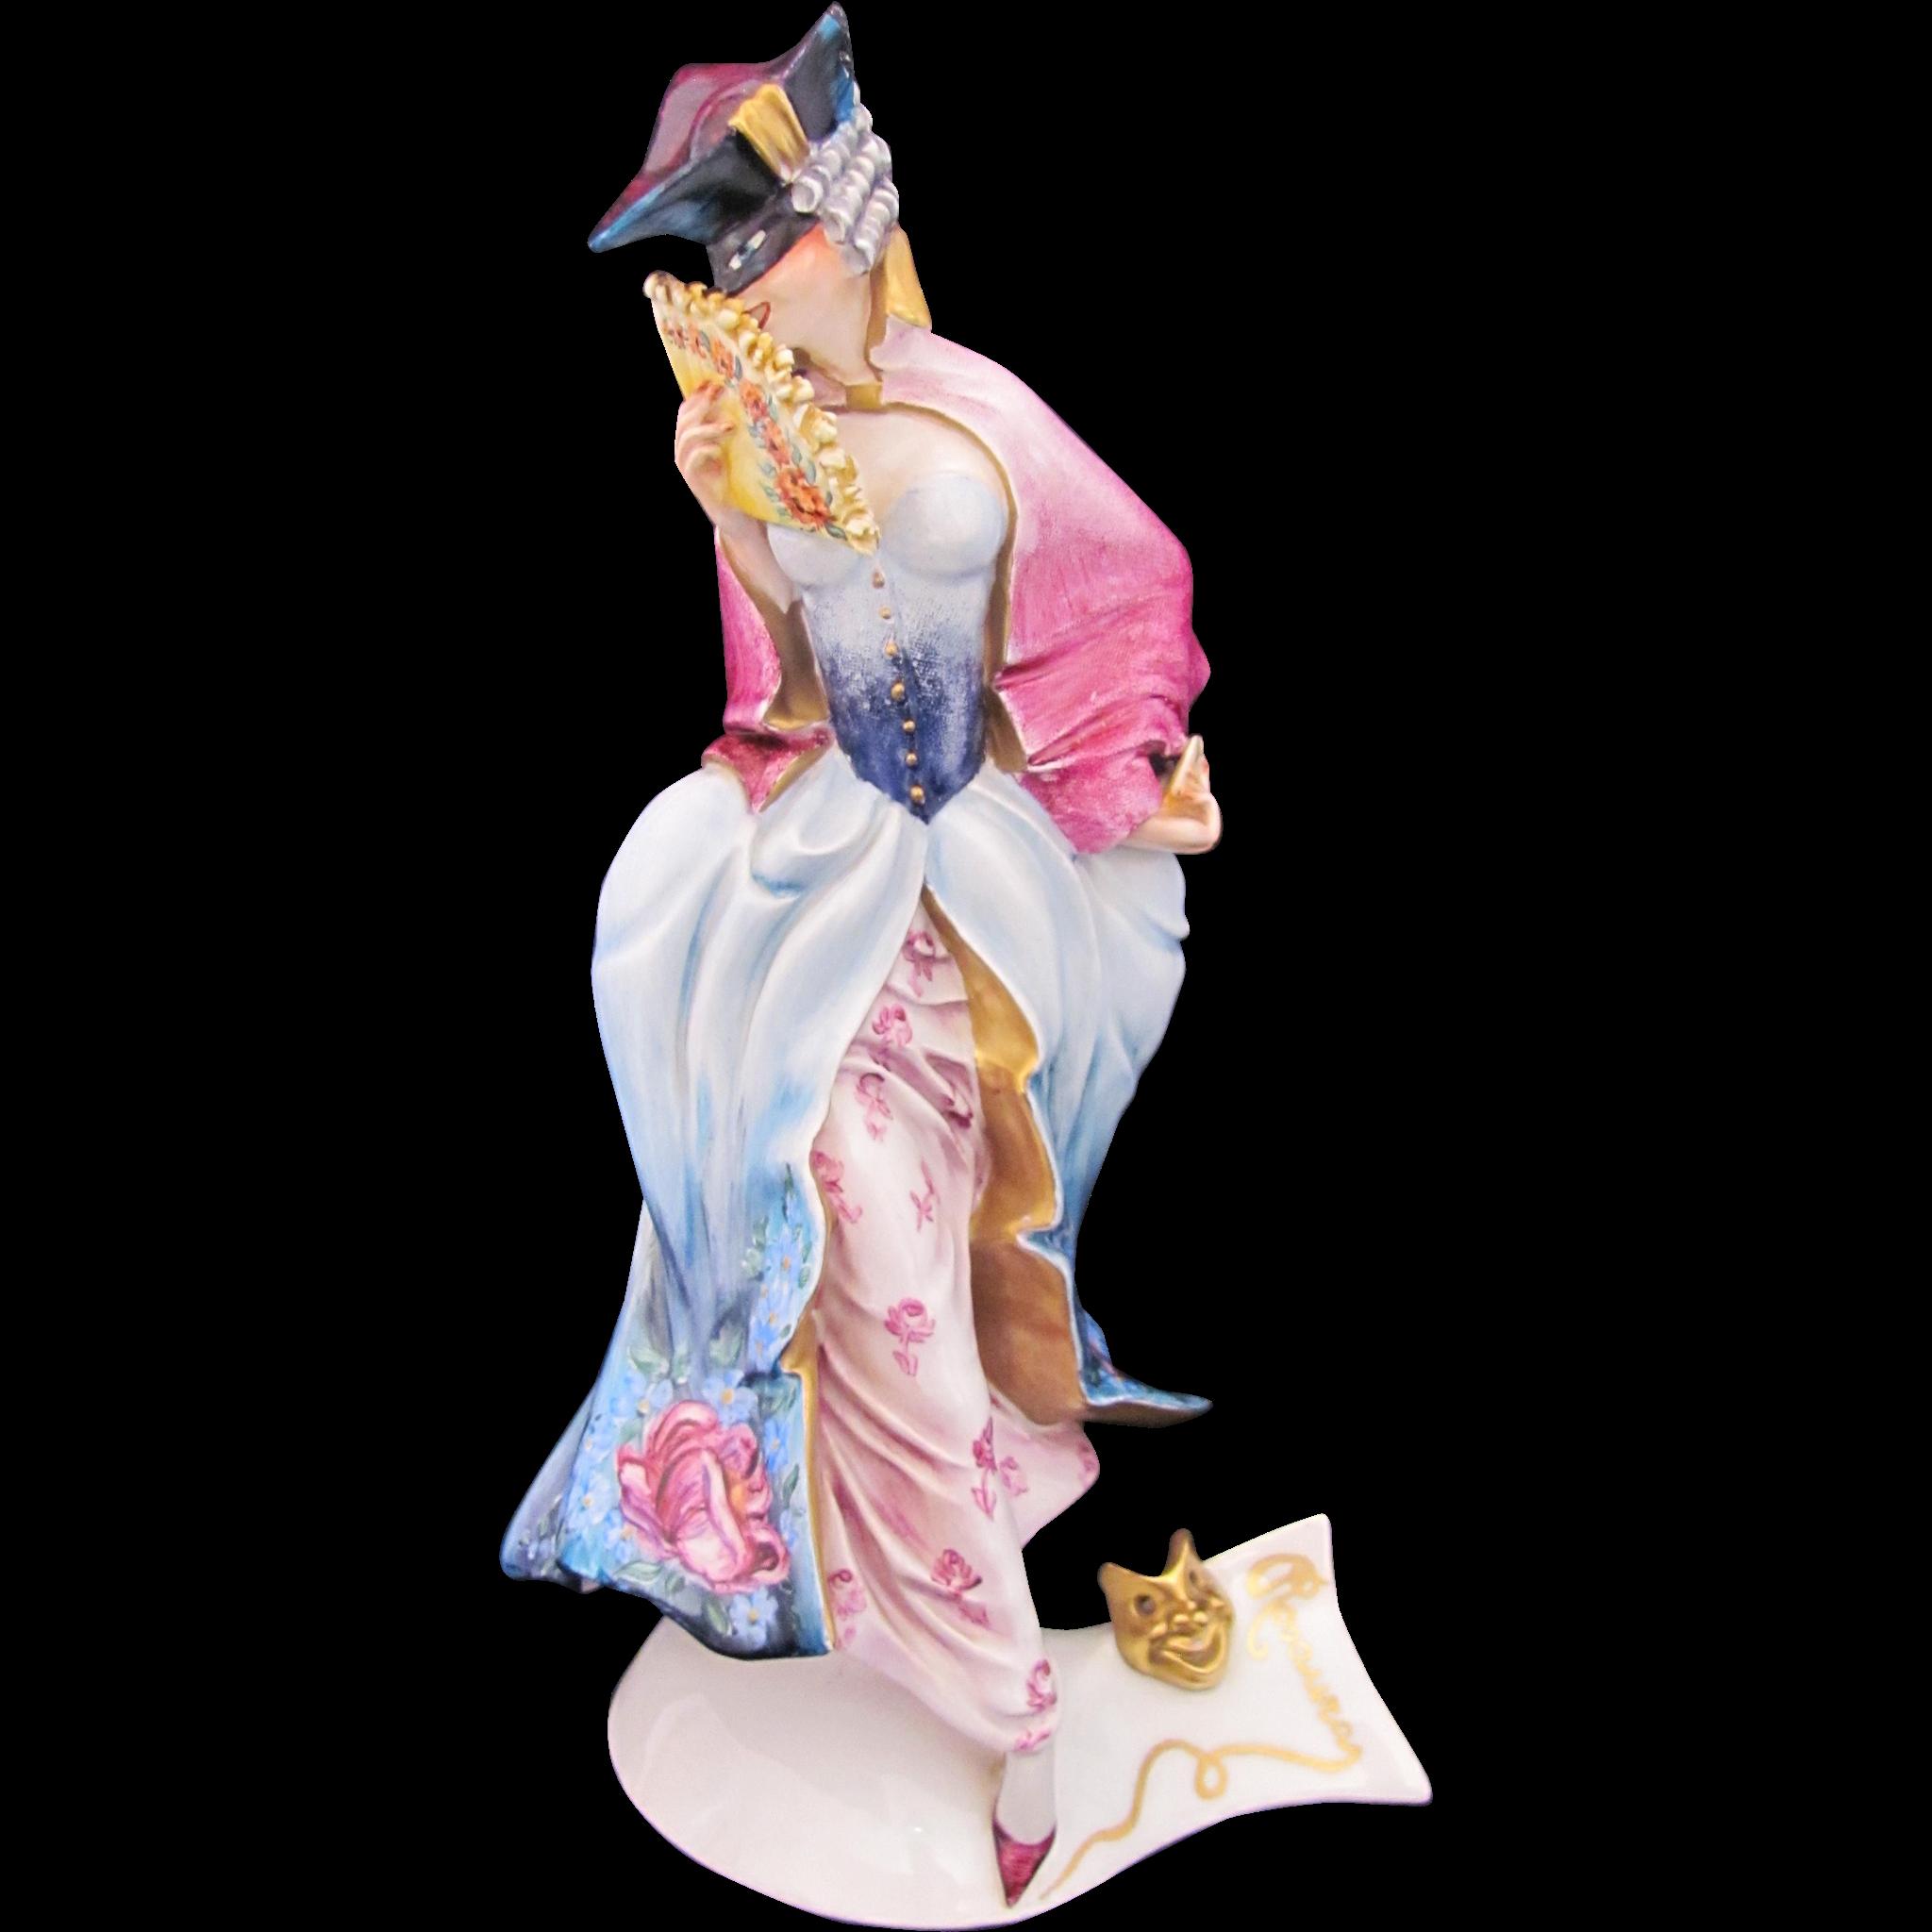 Guido Cacciapuoti Pierrette Figurine Figure Signed Righetto Italy